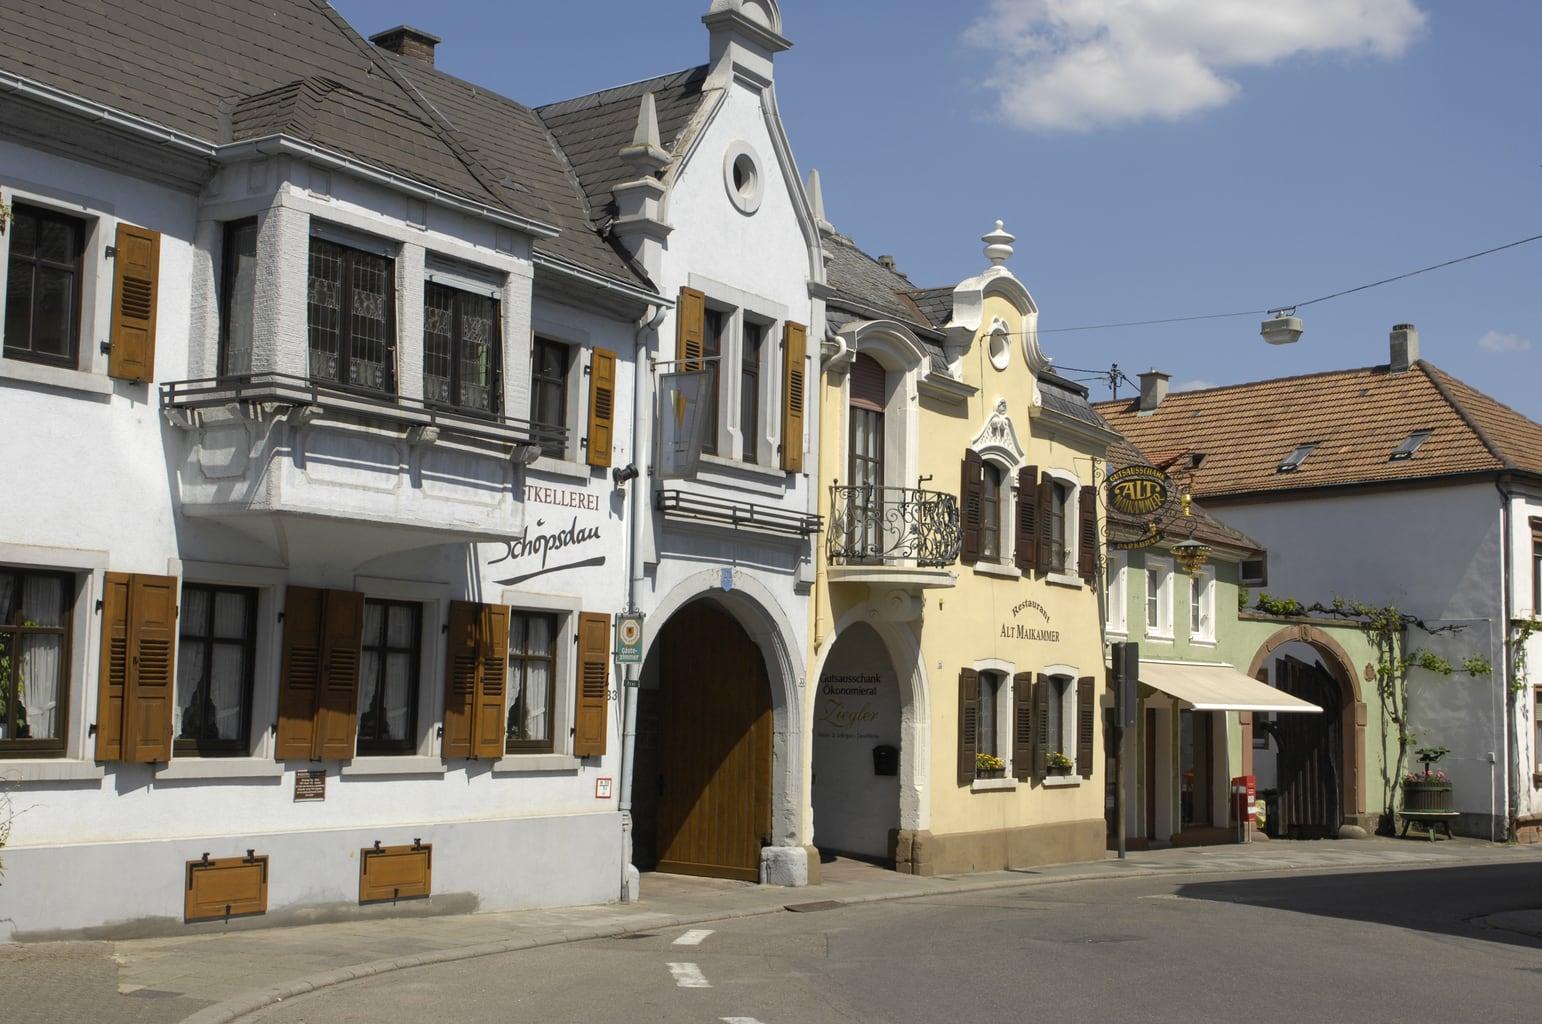 Barokke huizen in Maikammer in de Palts